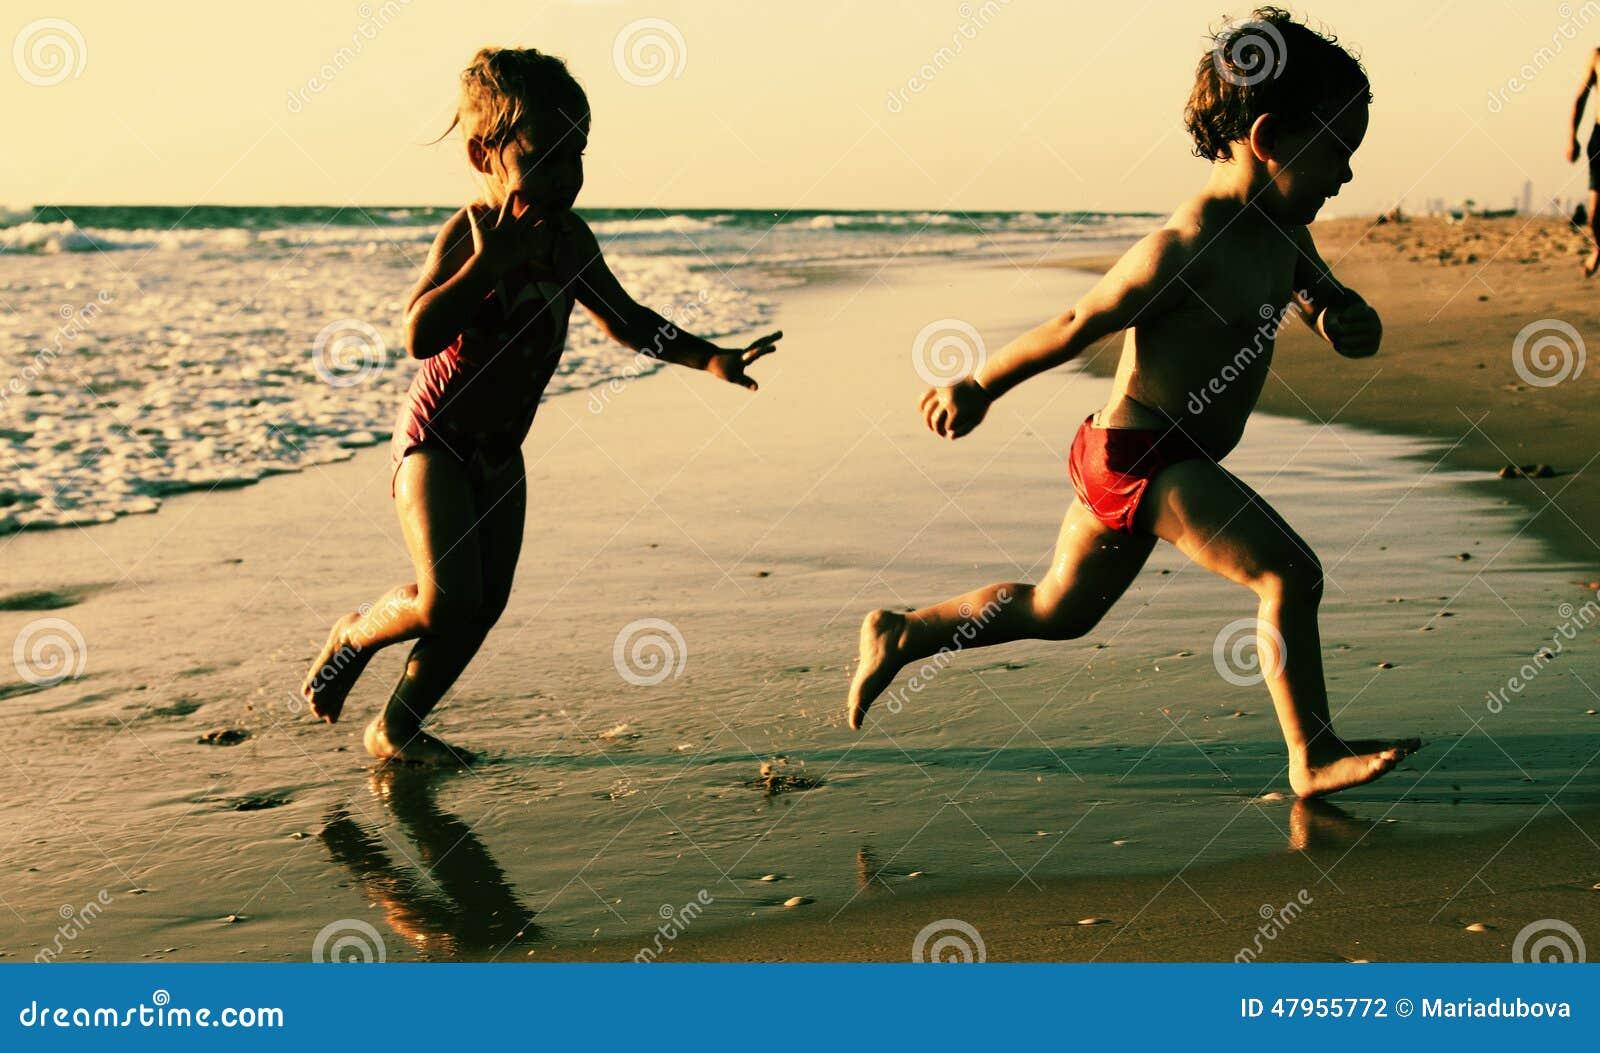 Kids Playing At The Beach Stock Photo | CartoonDealer.com ...